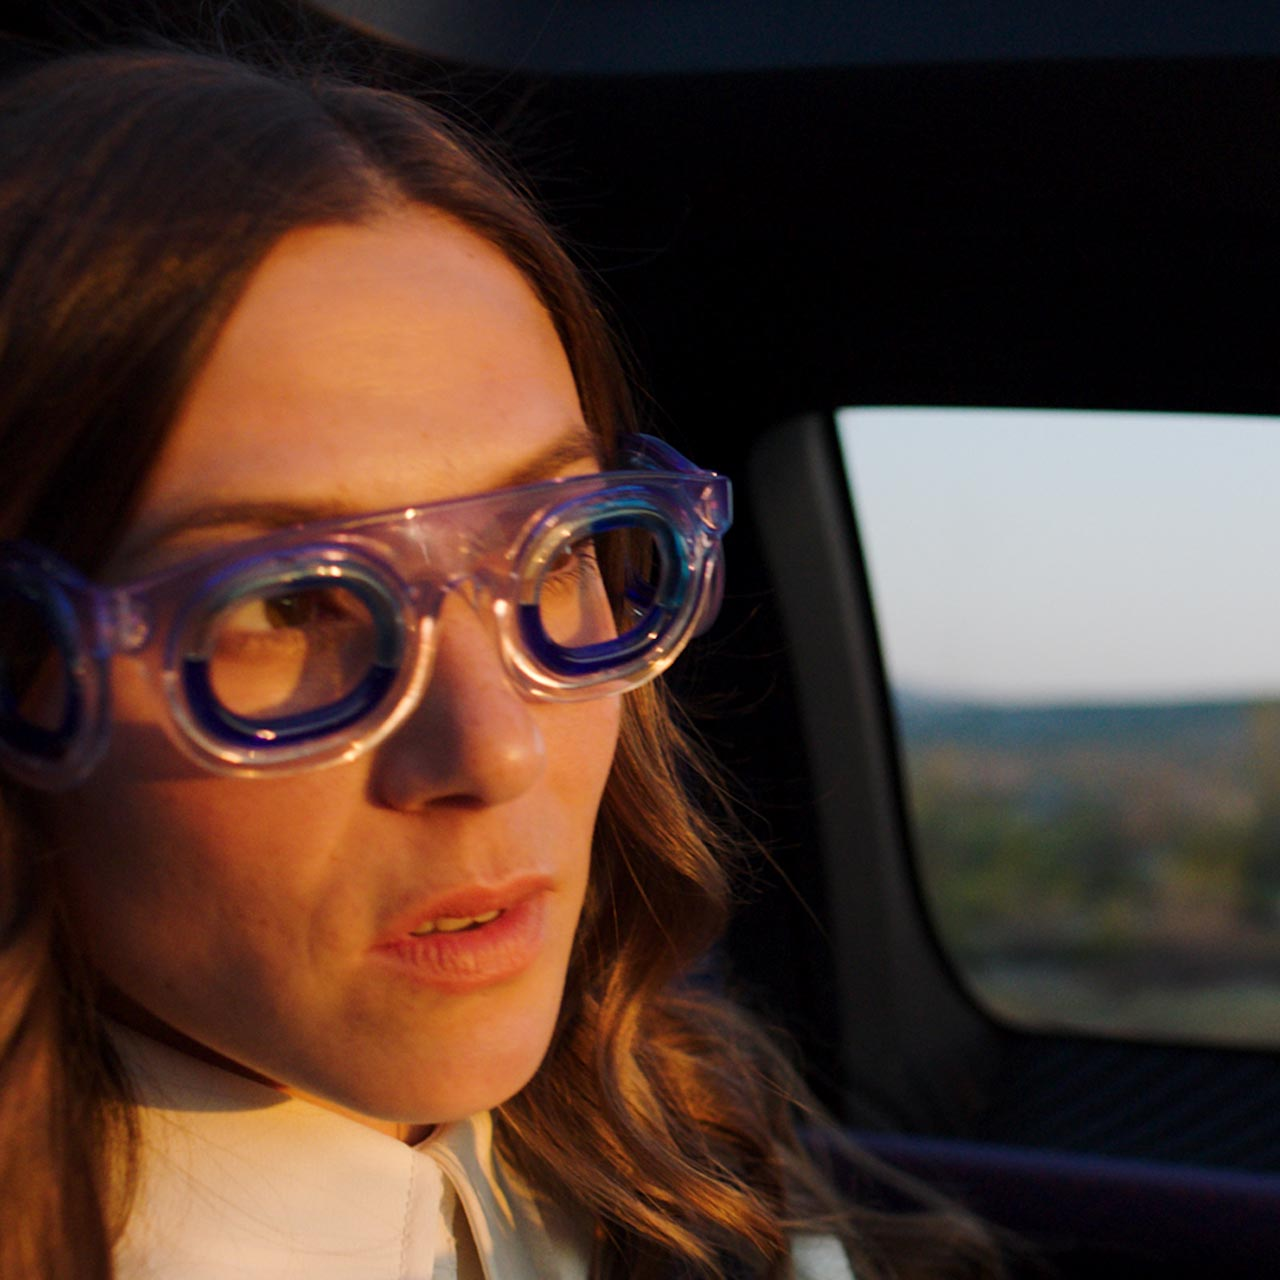 Citroën: Brille gegen Reisekrankheit in Neuauflage